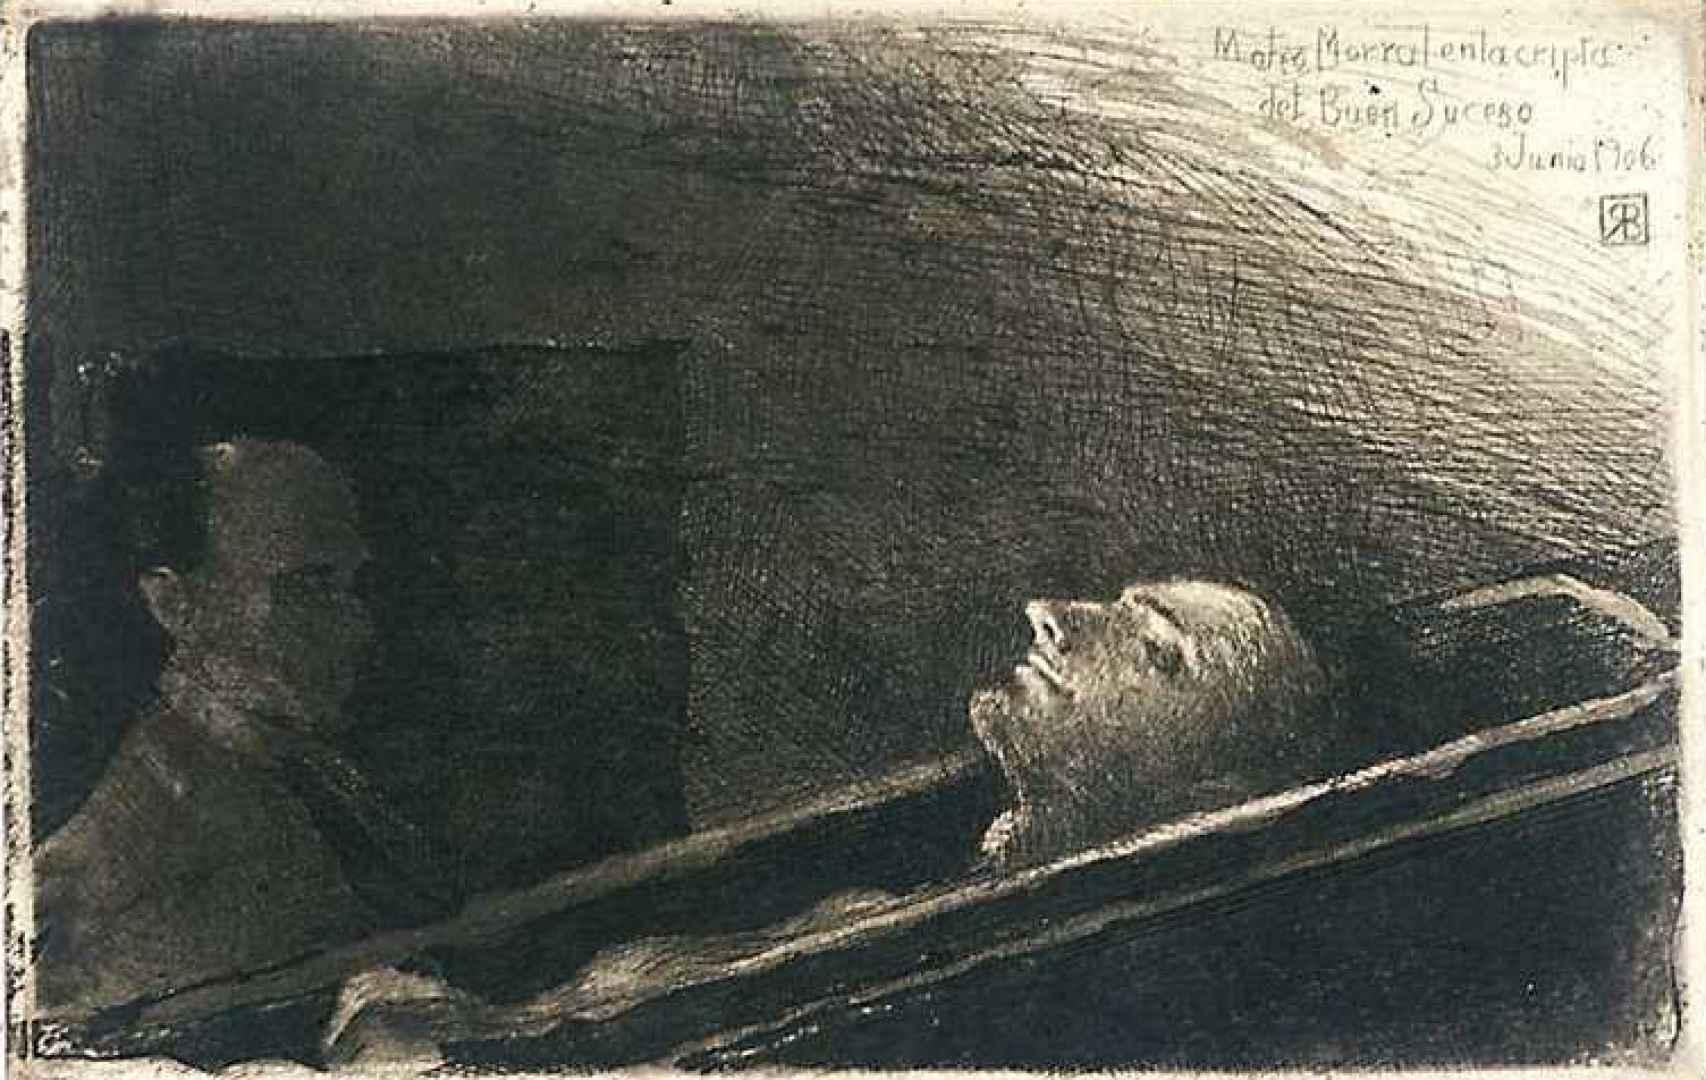 Aguafuerte del cadáver de Mateo Morral realizado por Ricardo Baroja.